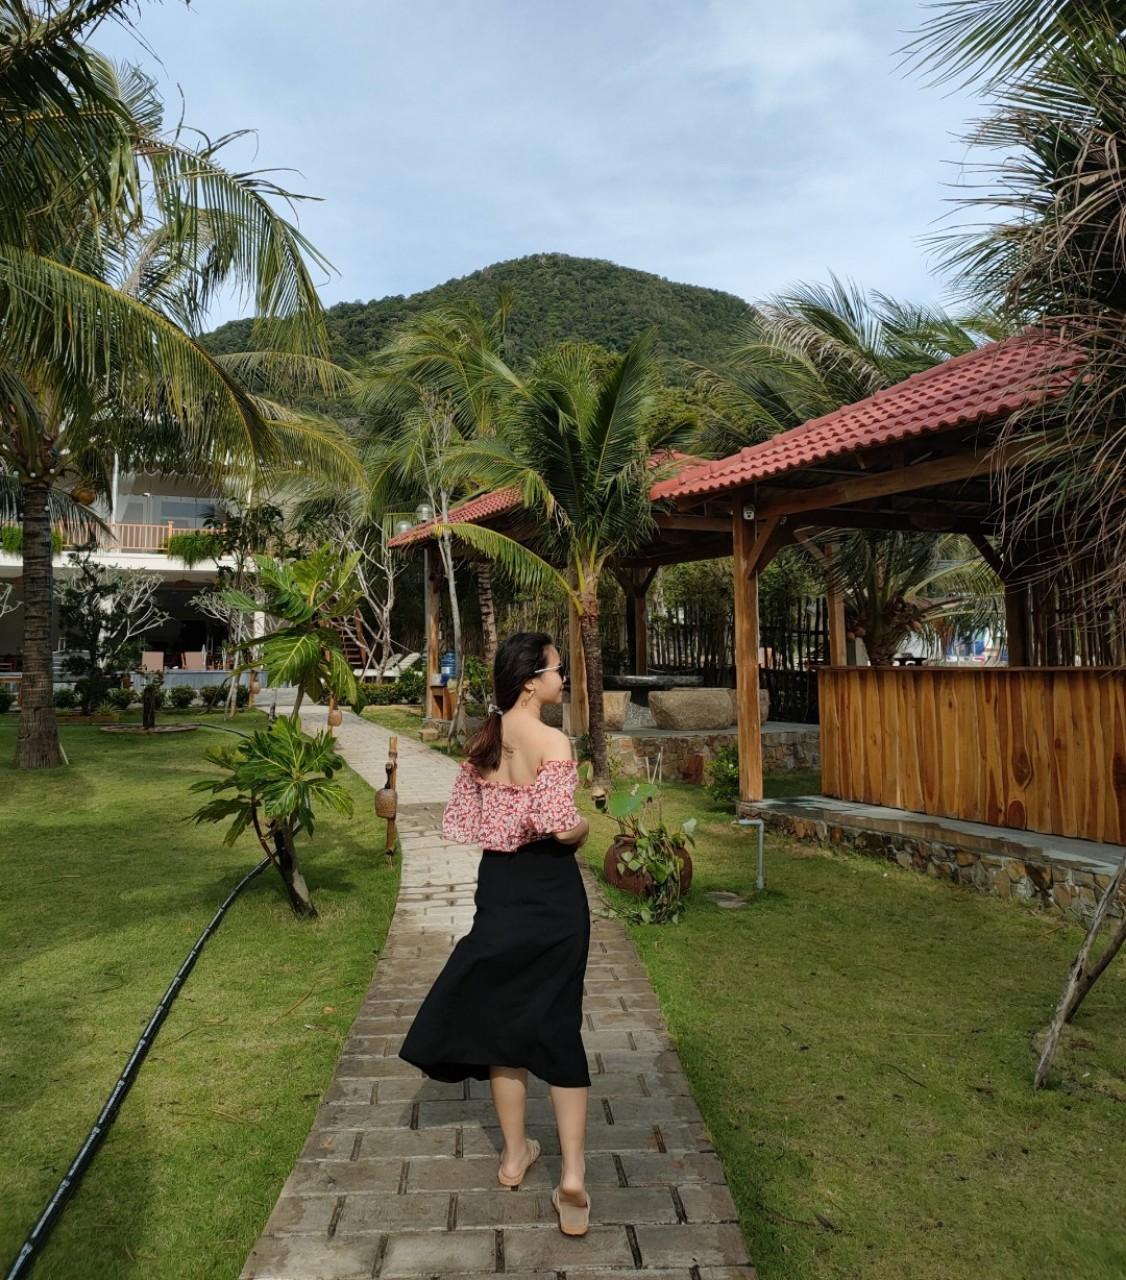 Yêu không gian yên bình thì các khu nghỉ dưỡng ở Rạch Vẹm rất đáng trải nghiệm - Nguồn ảnh: Vương Uyên